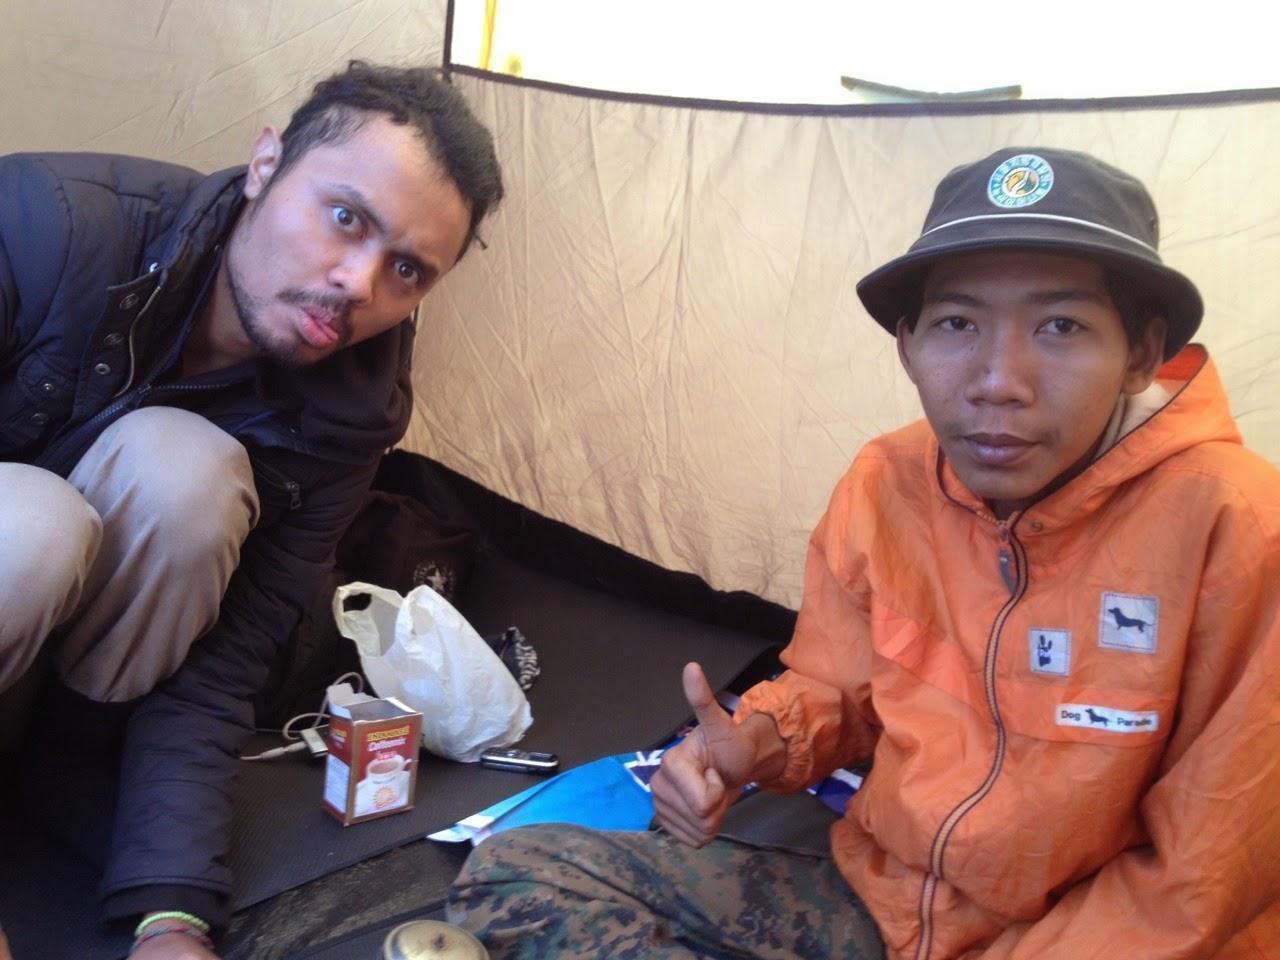 bikin kopi di dalem tenda, soalnya ujan